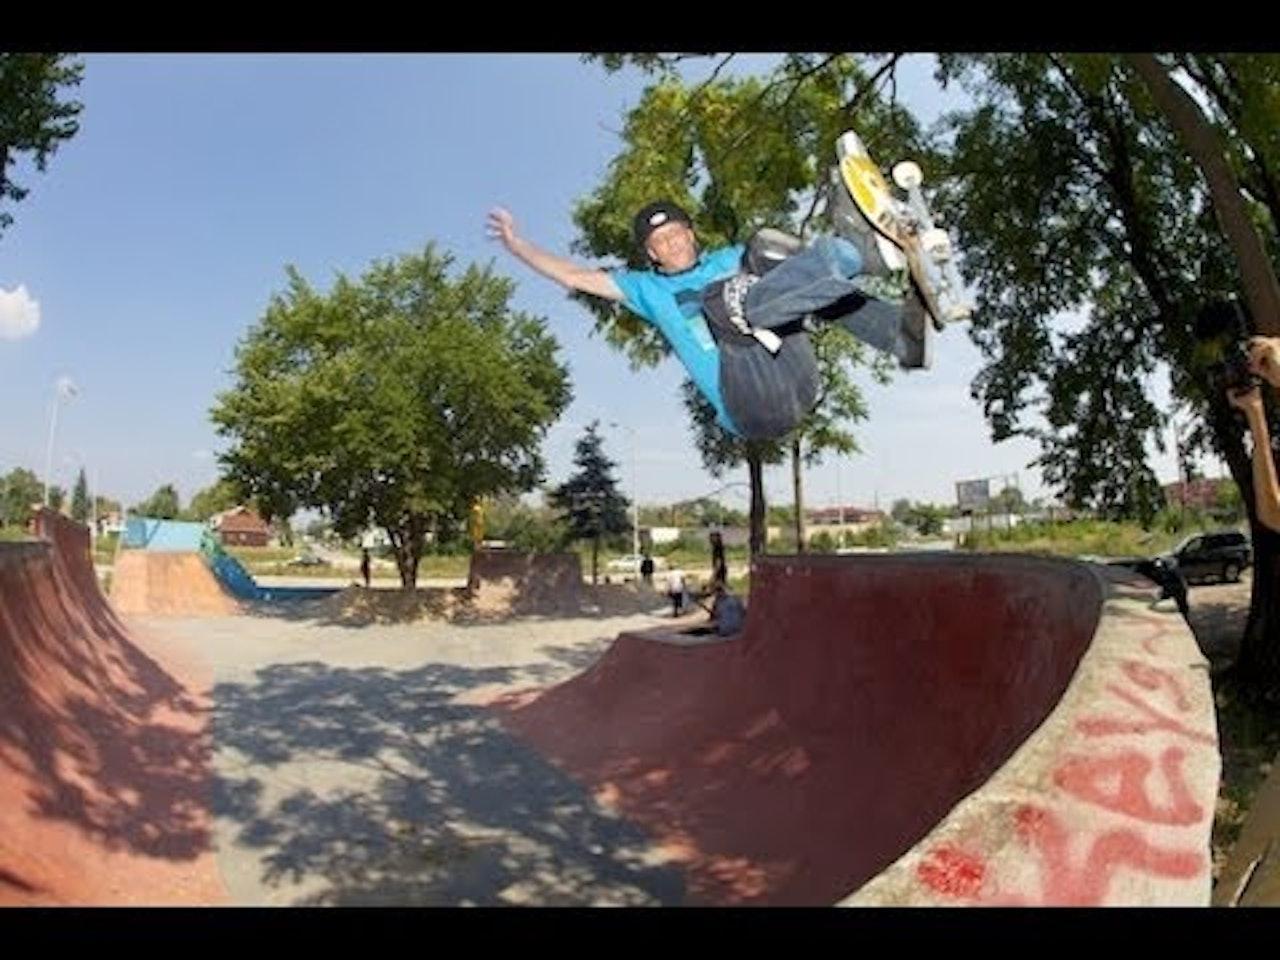 Ride It Sculpture Park, Detroit, MI - A Skatepark Success Story